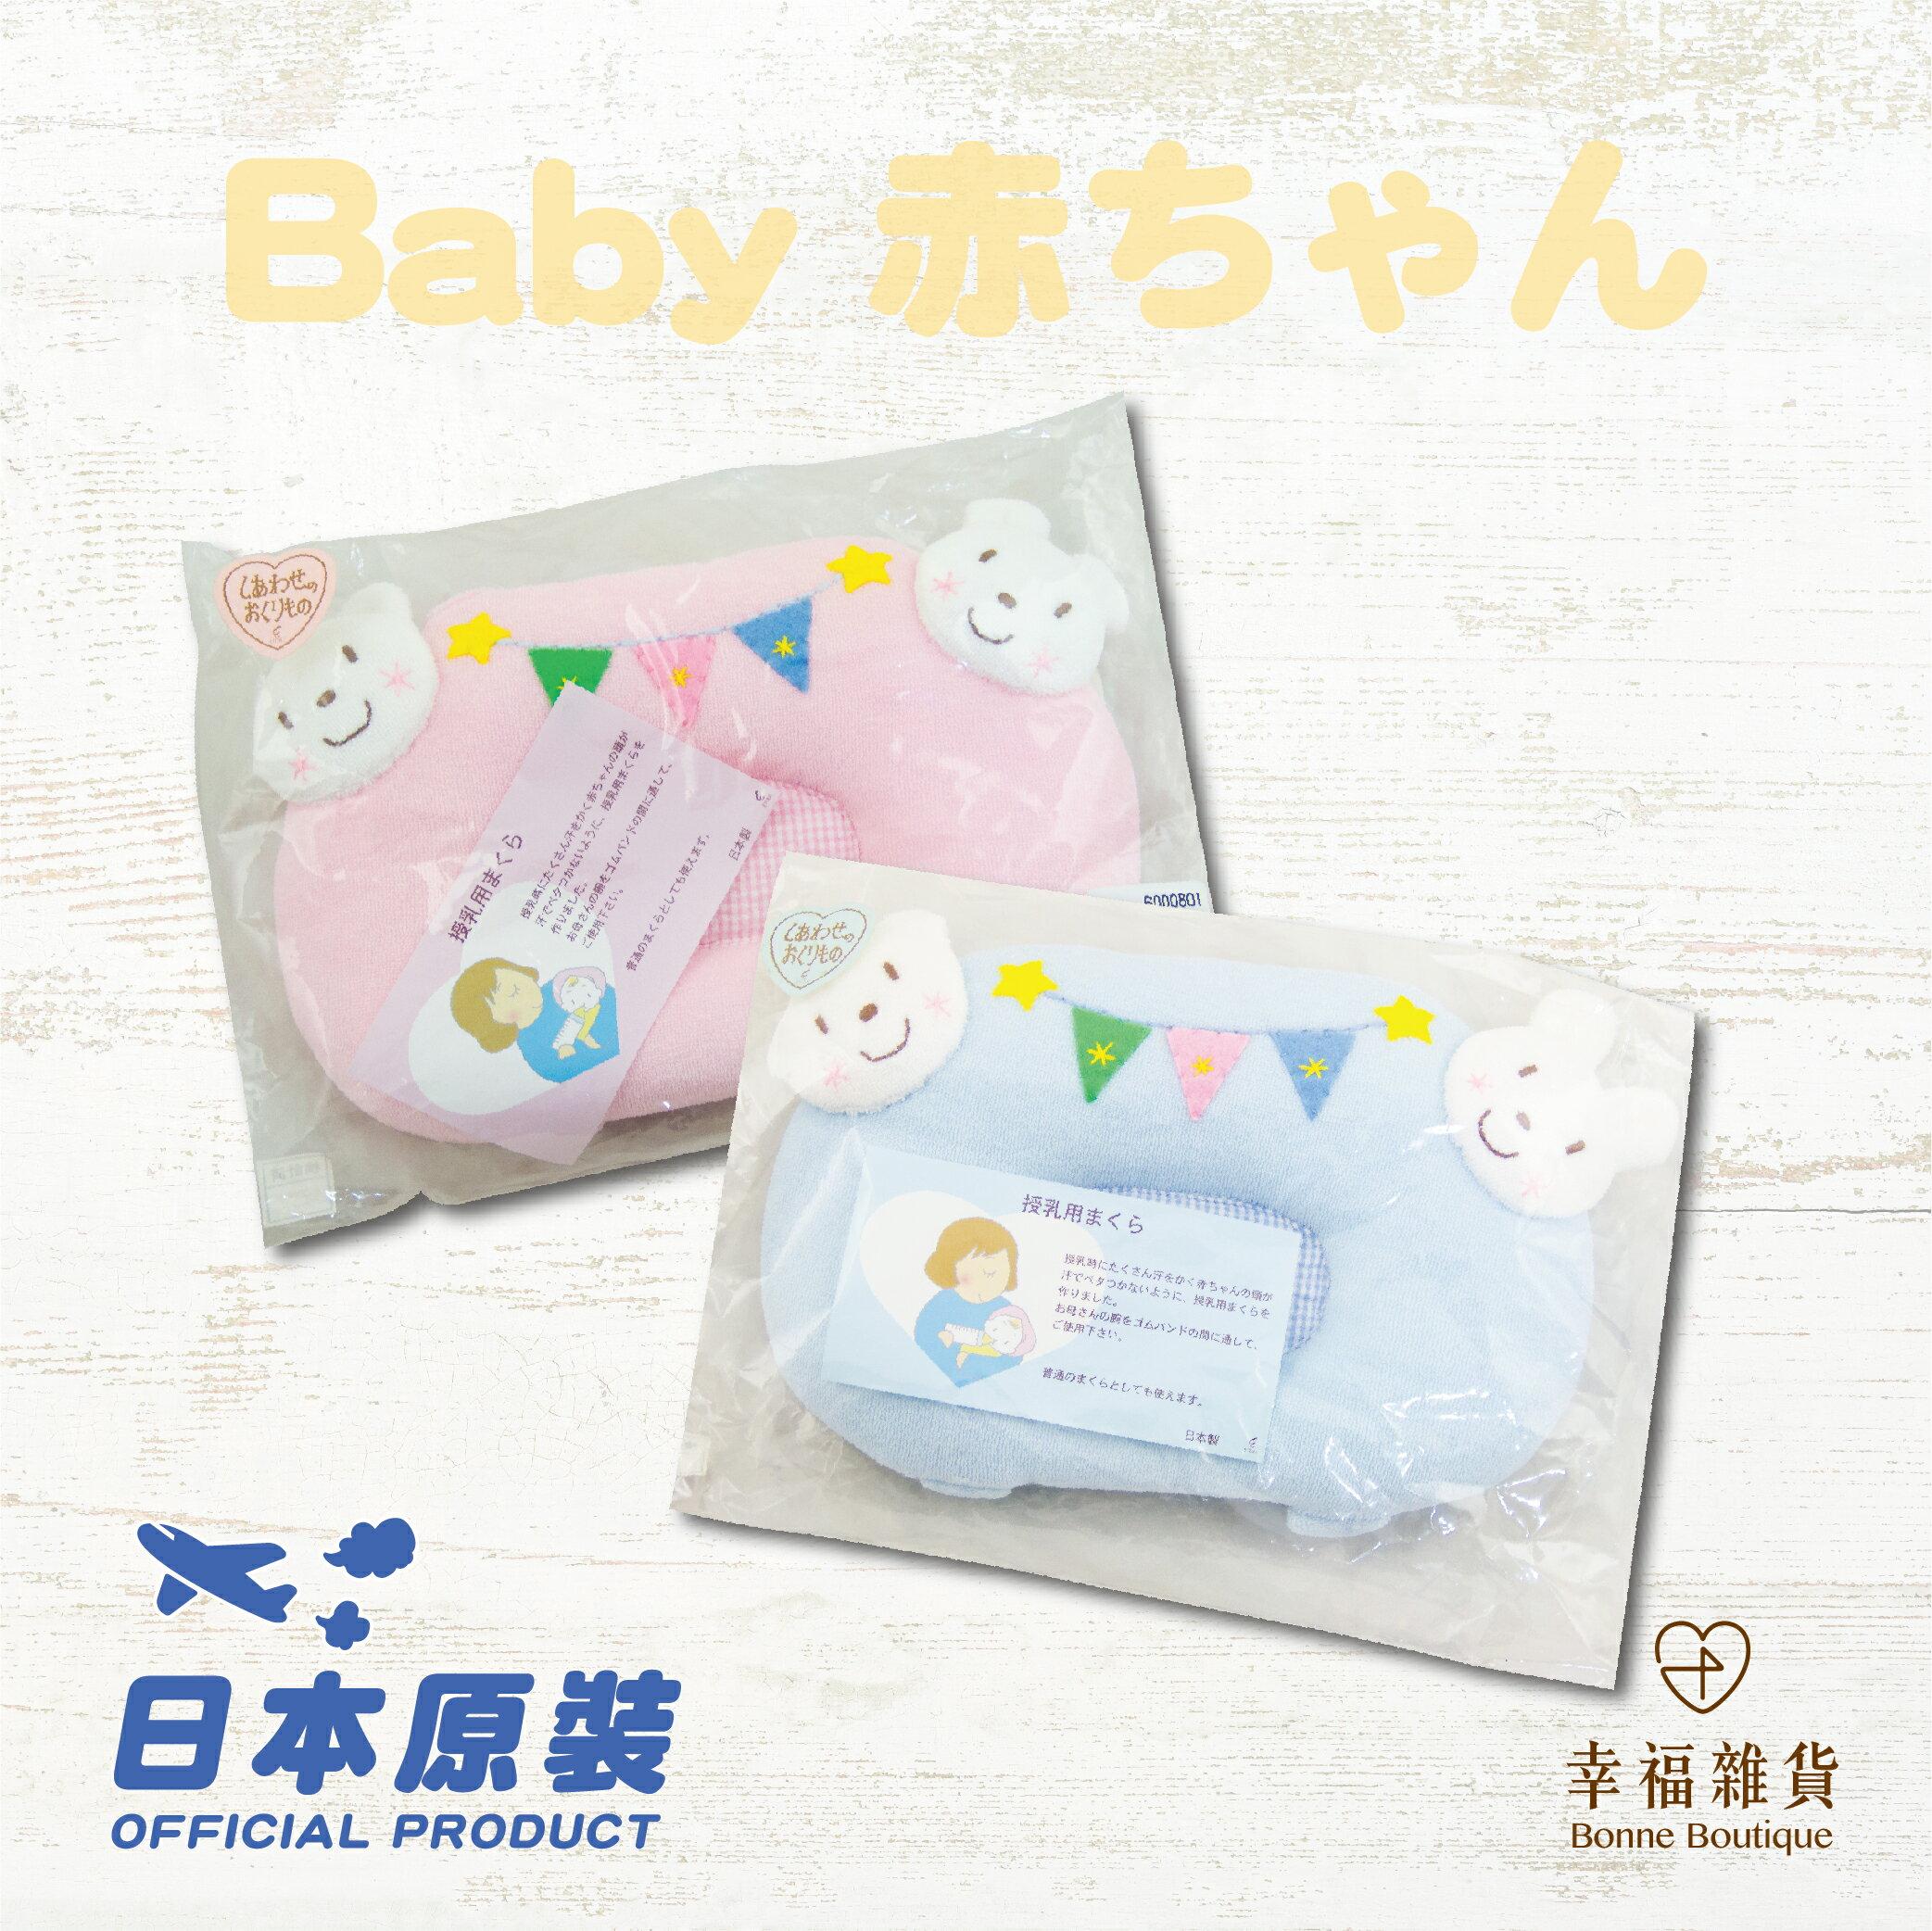 哺乳枕 授乳枕 日本製 小臂枕 鬆緊帶設計【Bonne Boutique幸福雜貨】